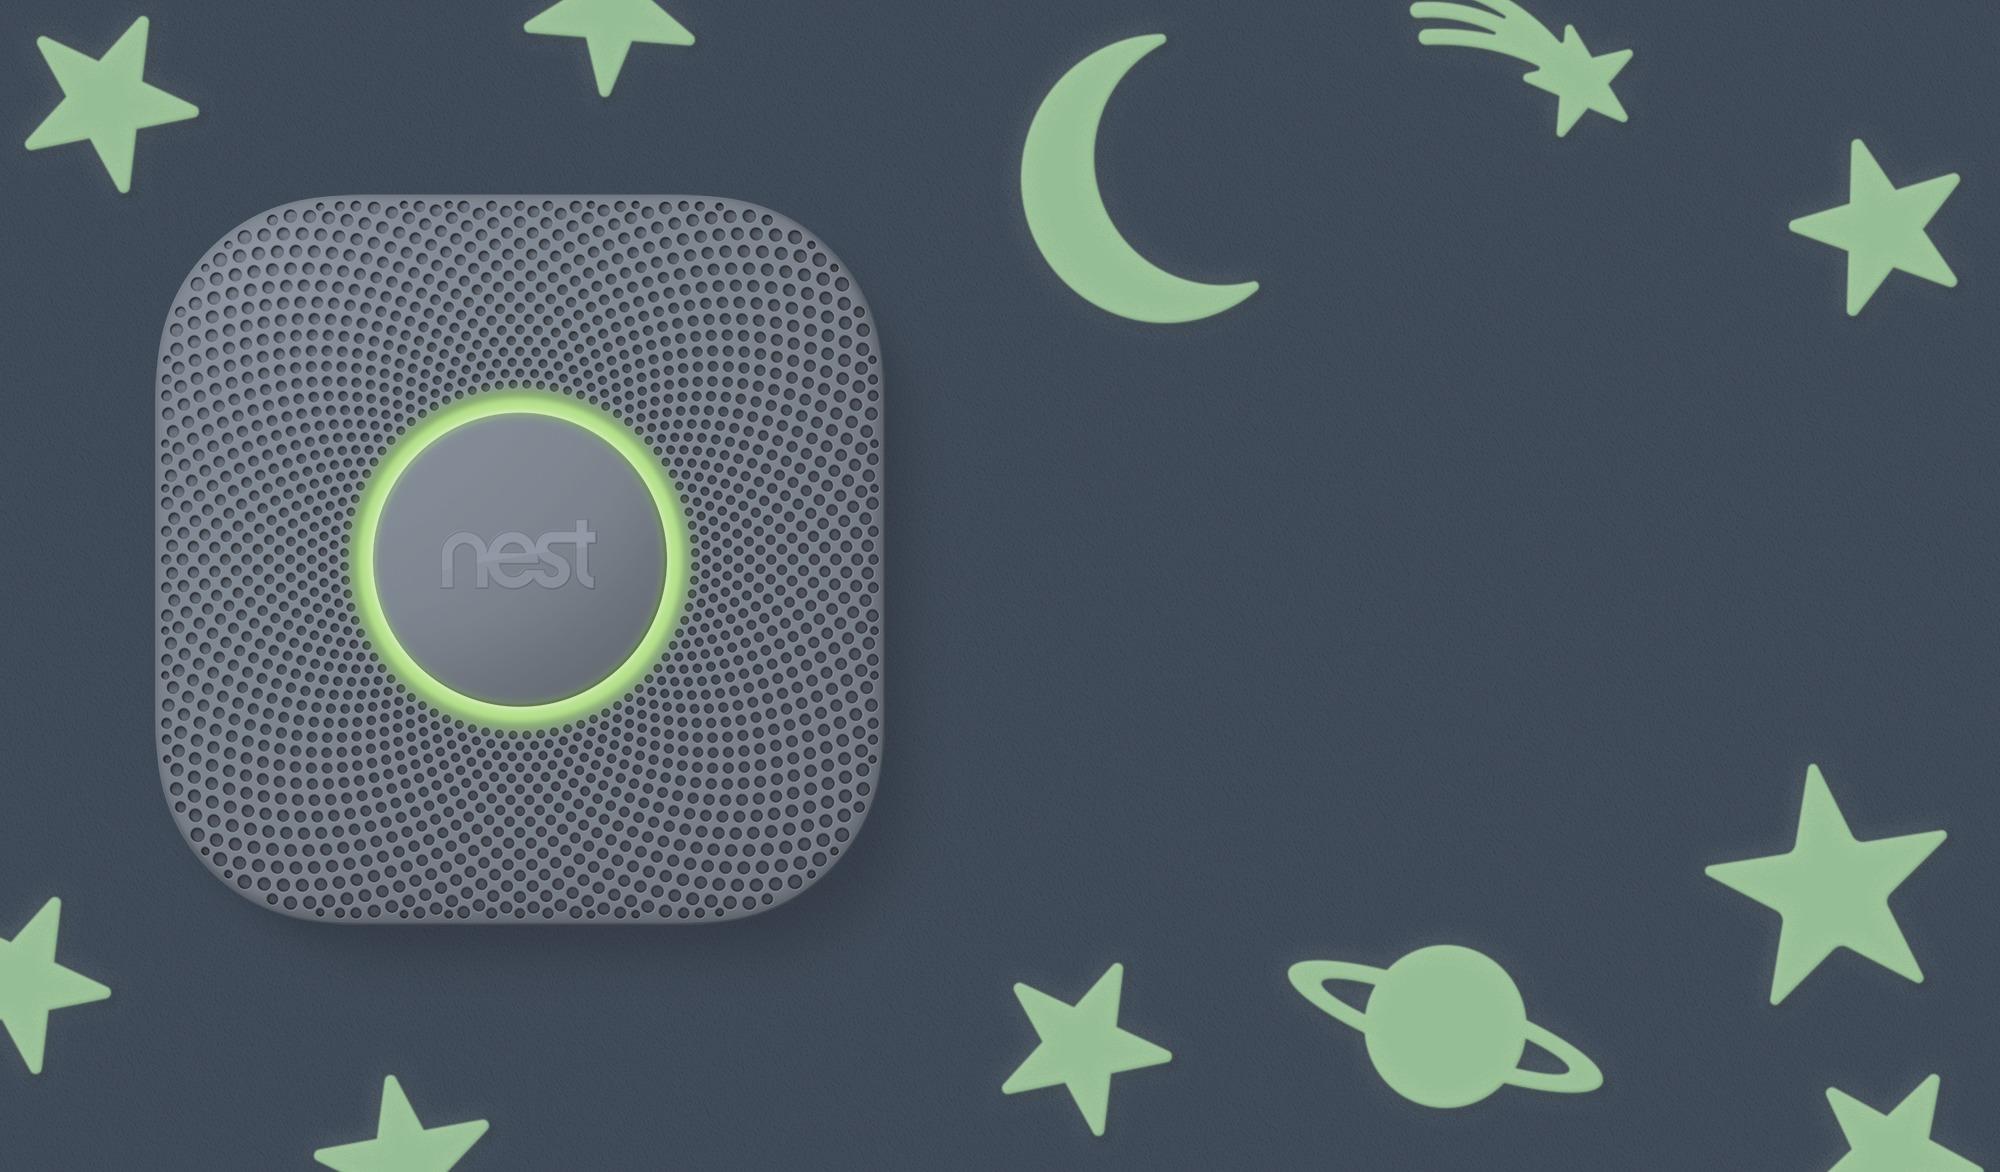 Nest blir en del av Googles maskinvareavdeling.